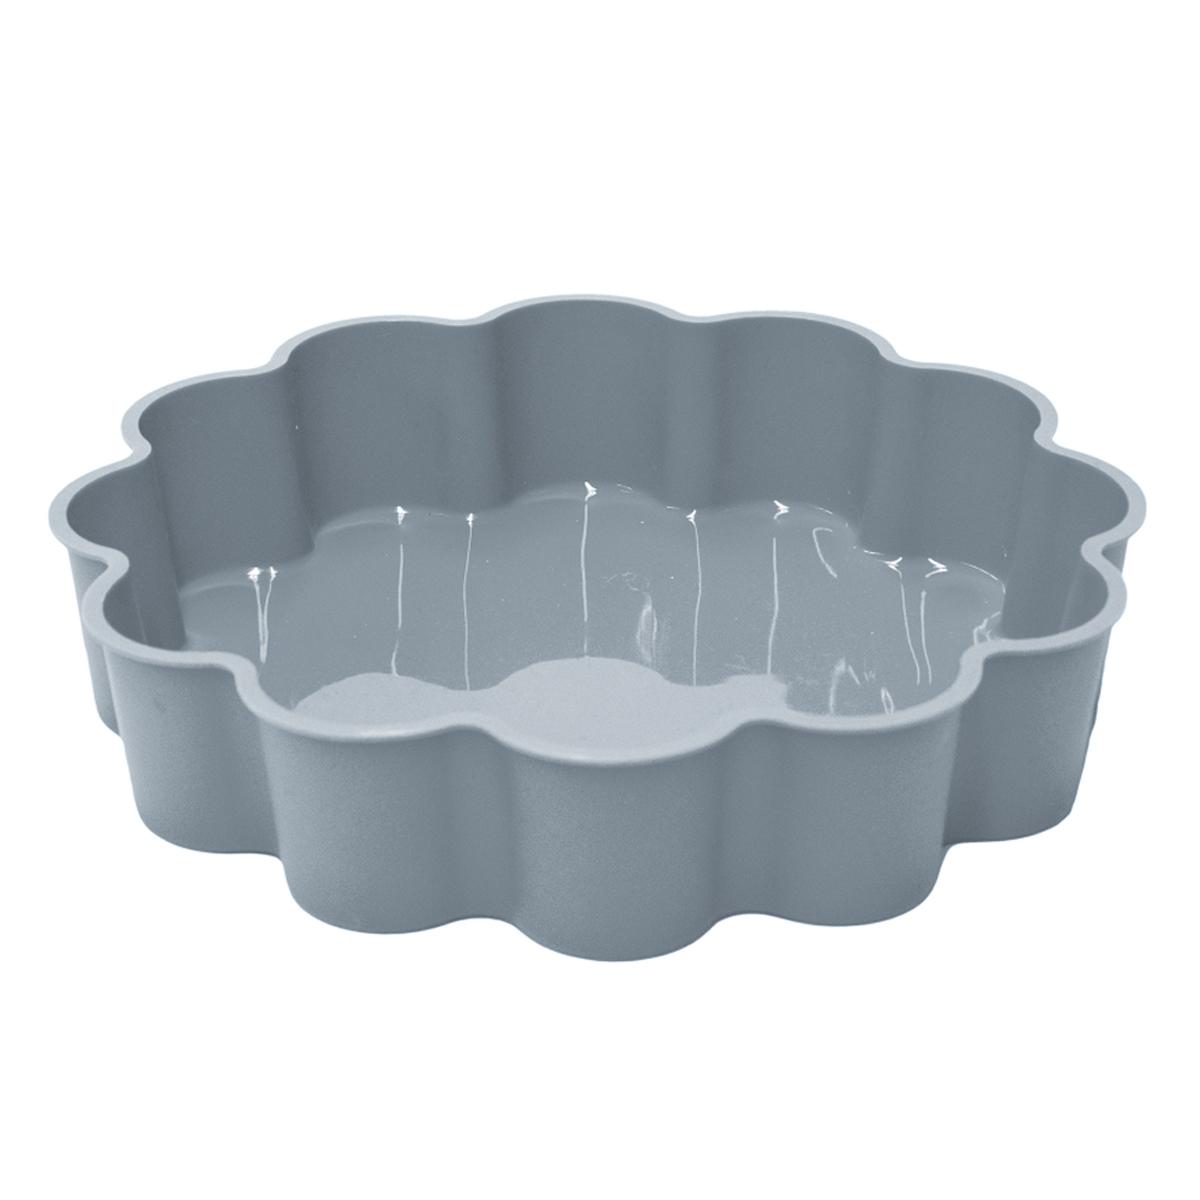 Moule silicone \'Part de Coeur\' gris - 24x5 cm - [A1760]